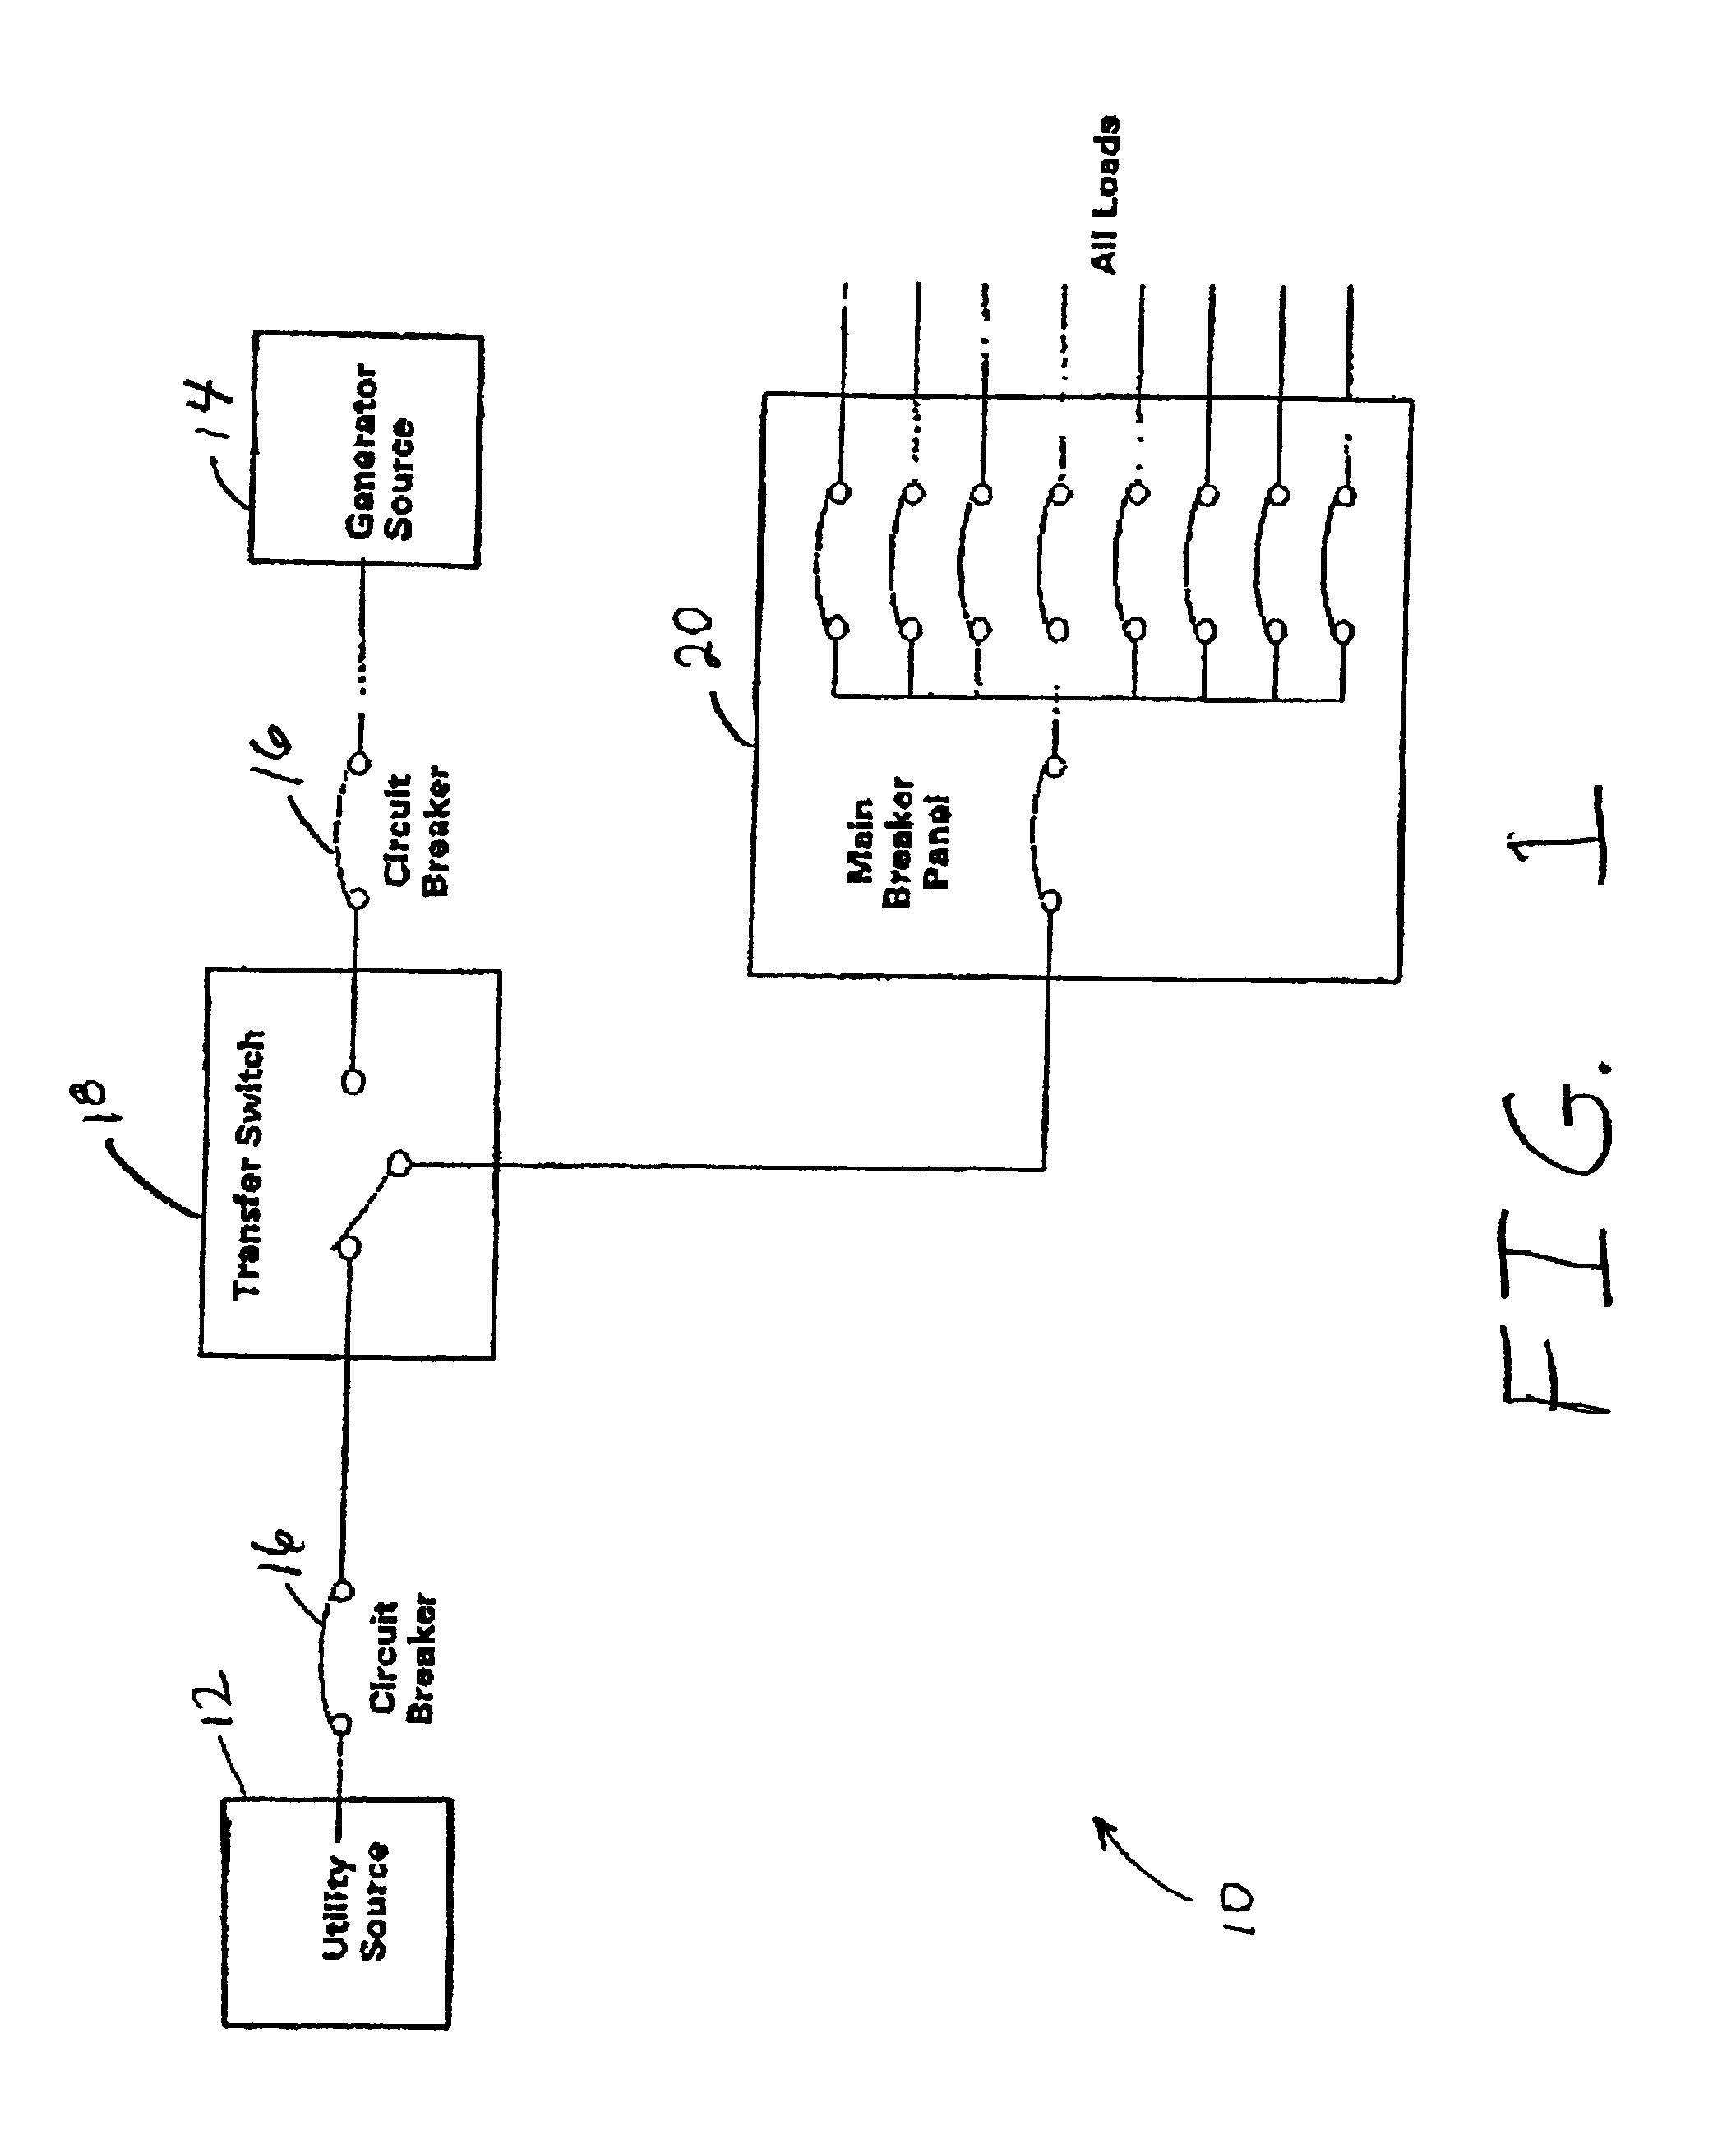 patent us6876103